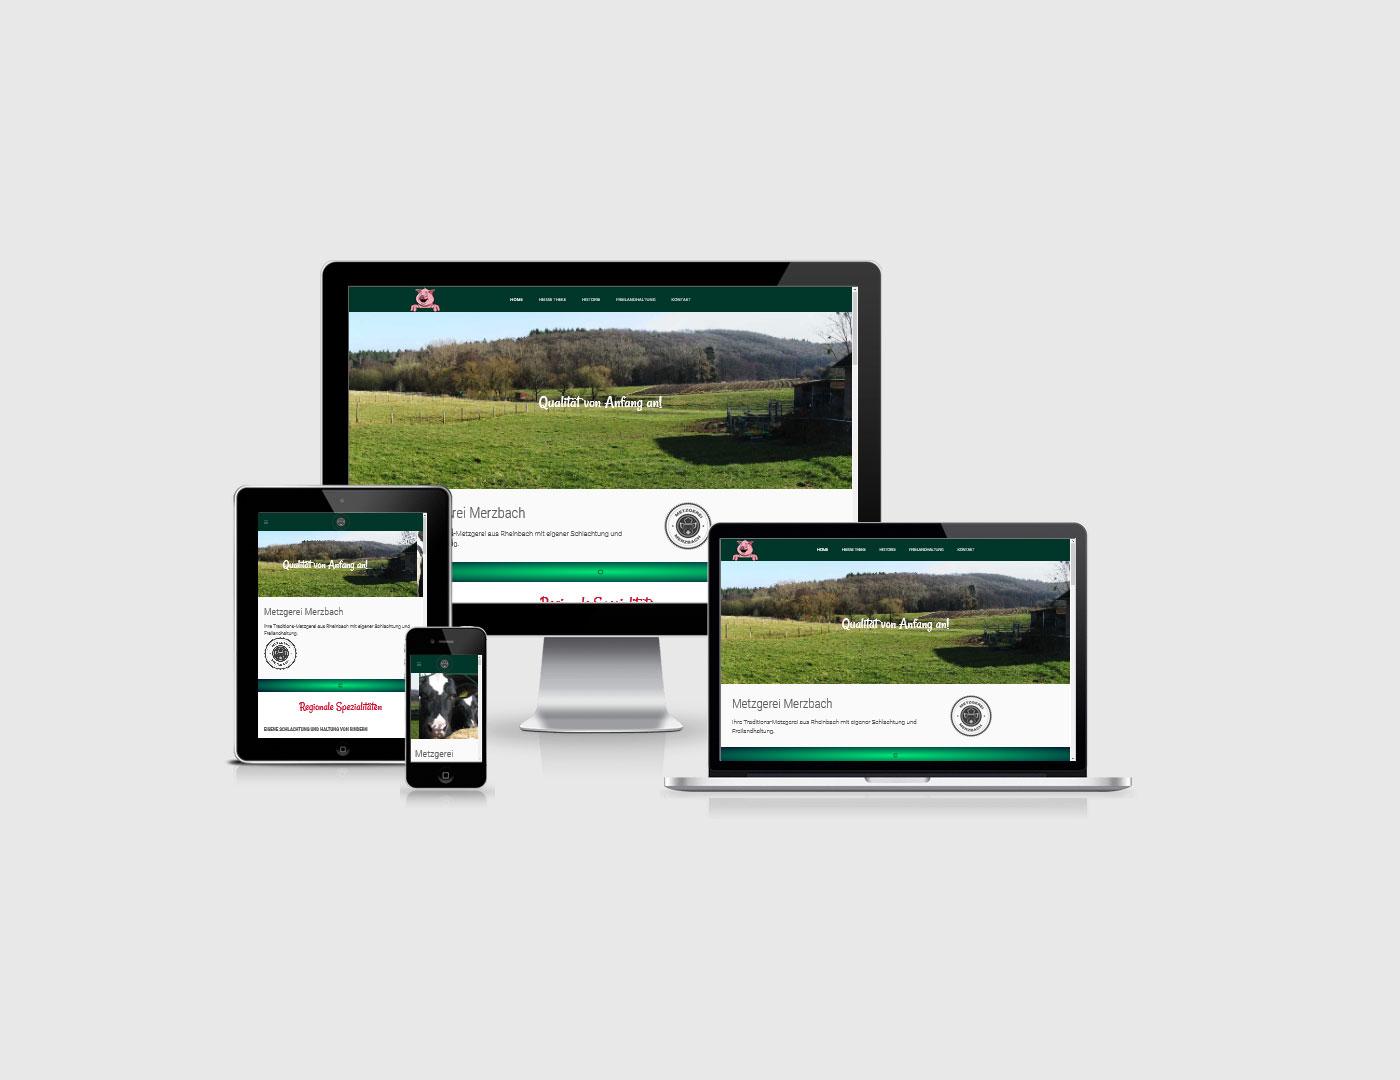 Eifel erstellt eine Webseite für Metzgerei Merzbach aus der Eifel